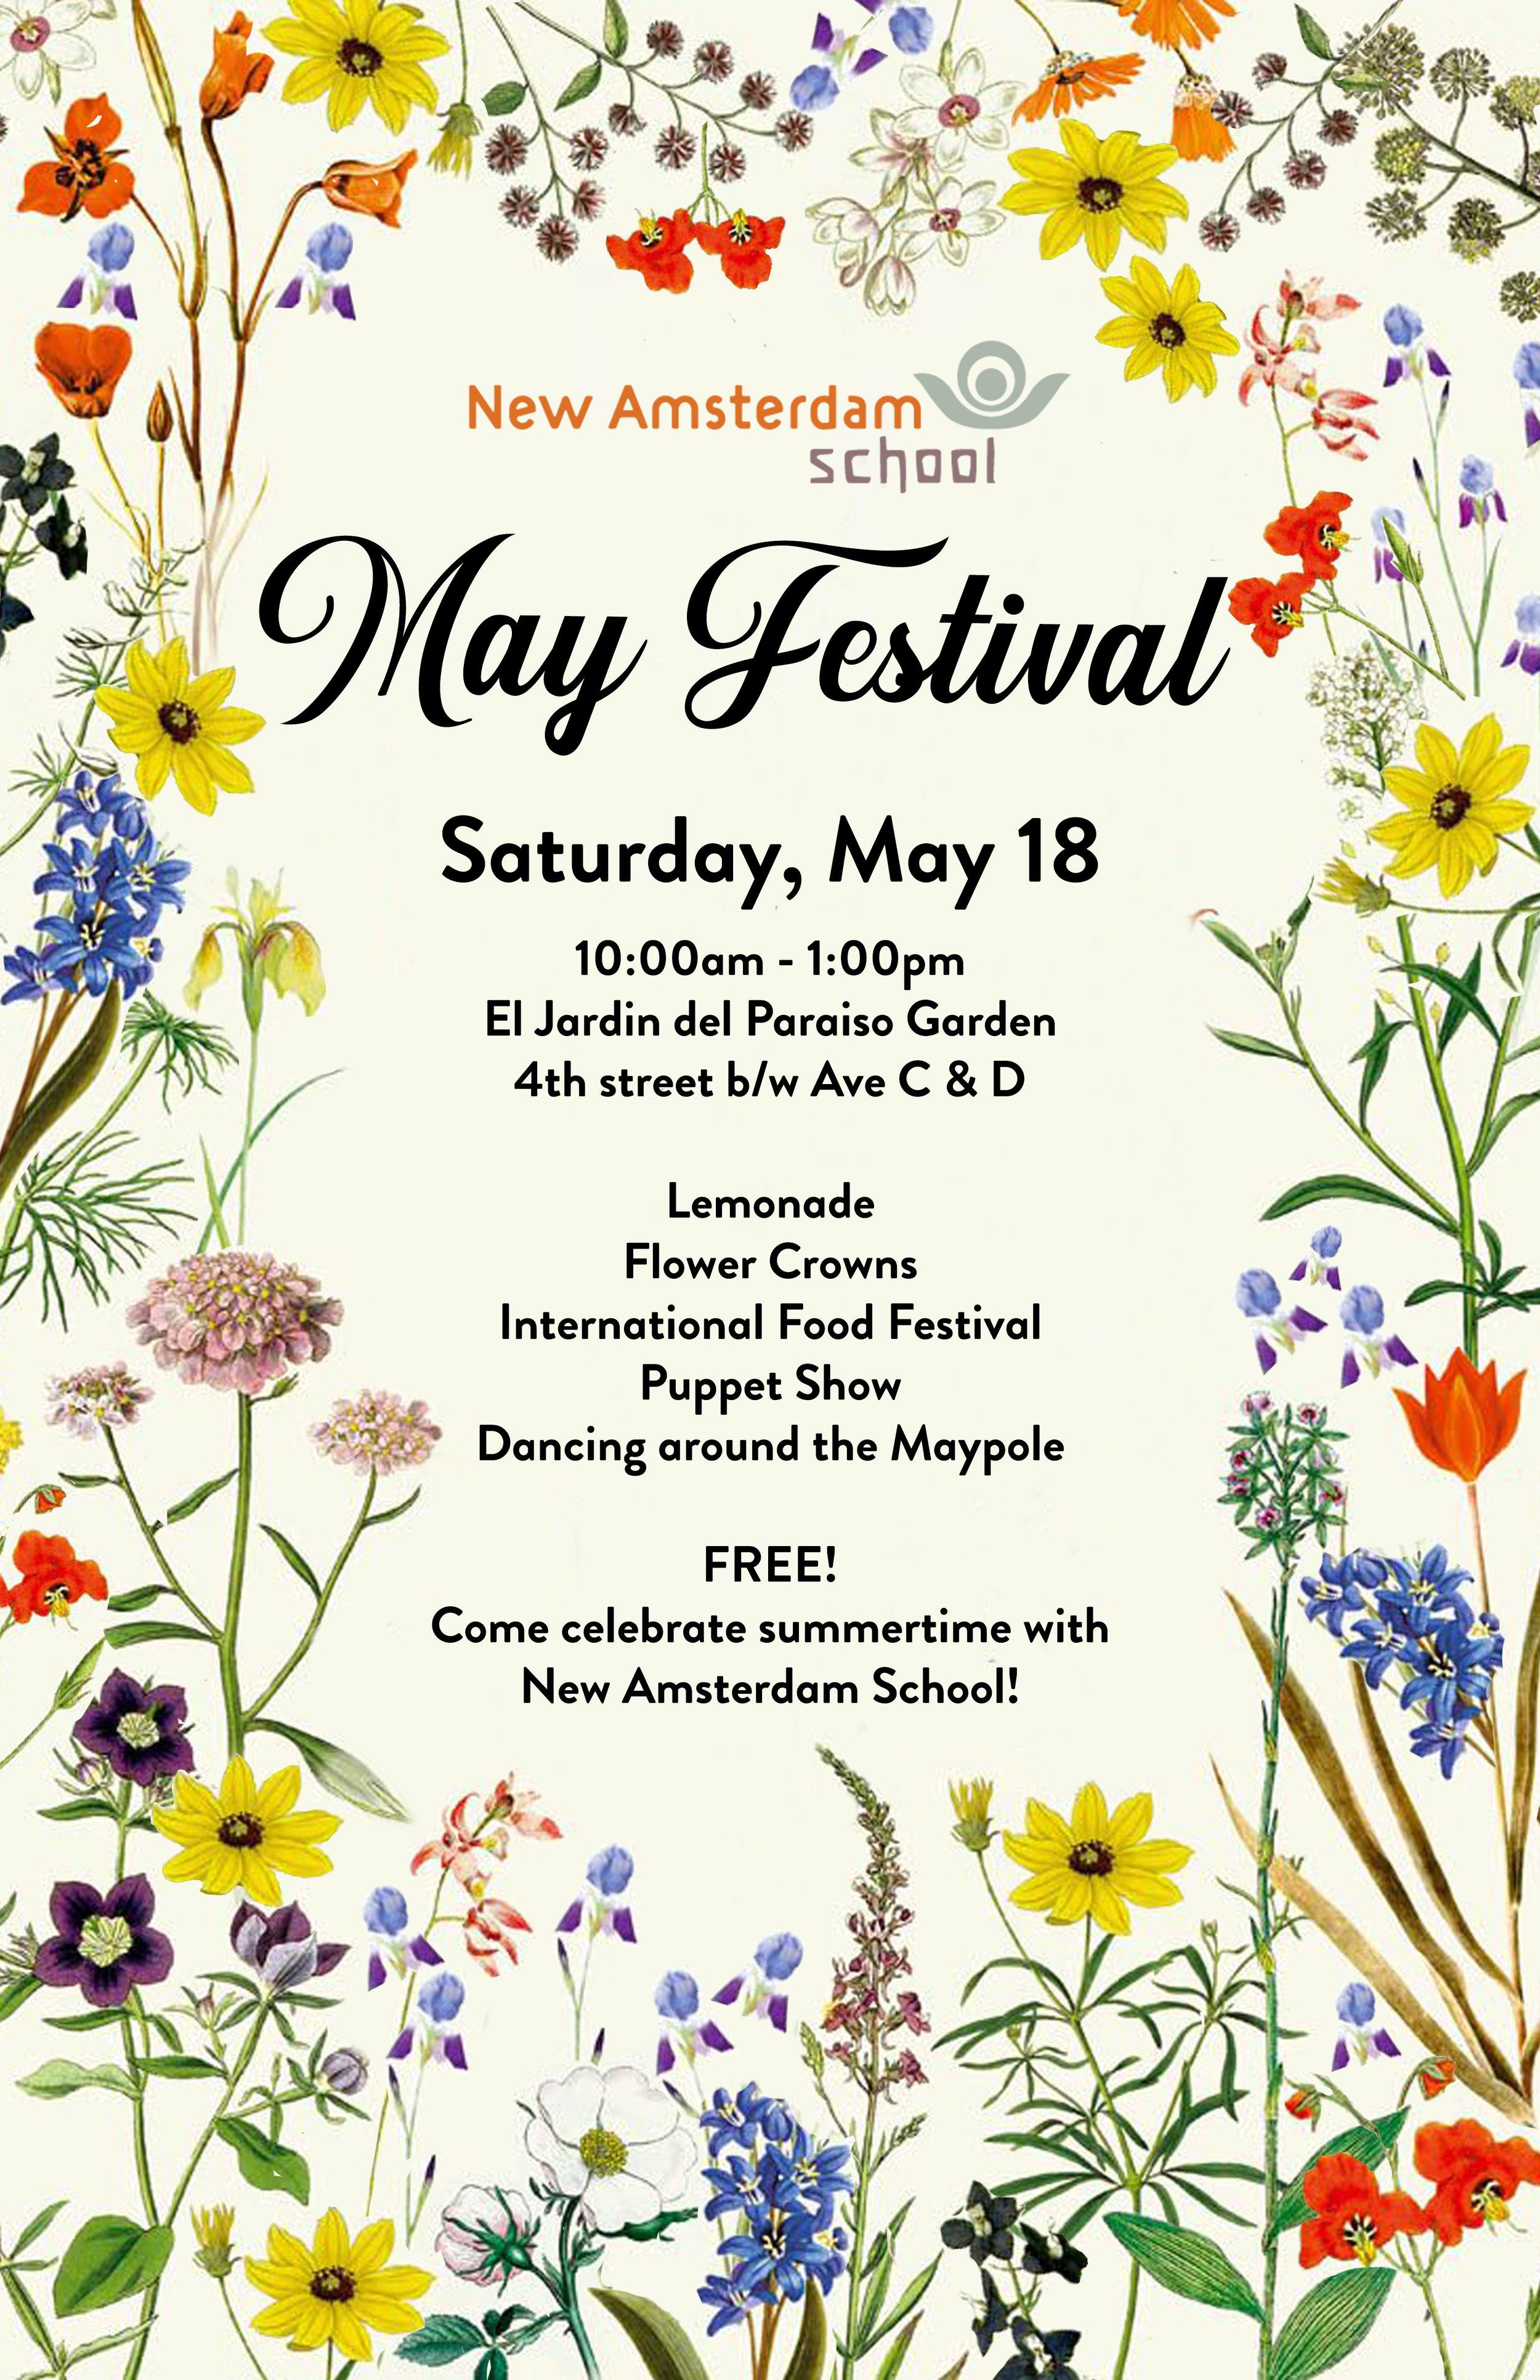 may festival poster 2019.jpg